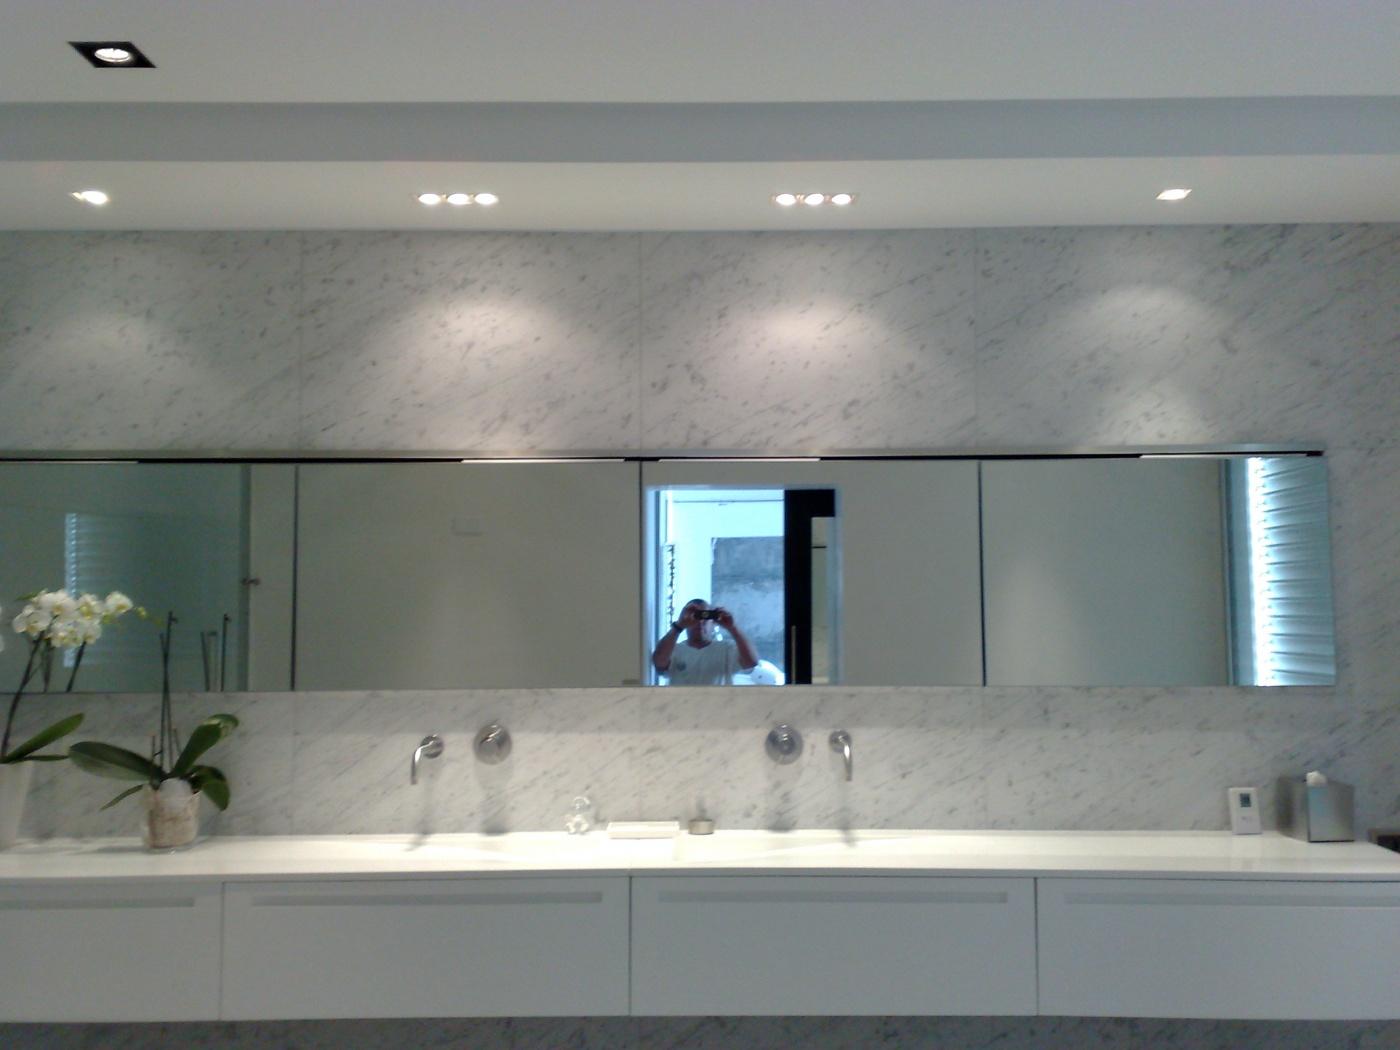 Salle de bains de prestige en marbre Blanc Carrare C adouci.